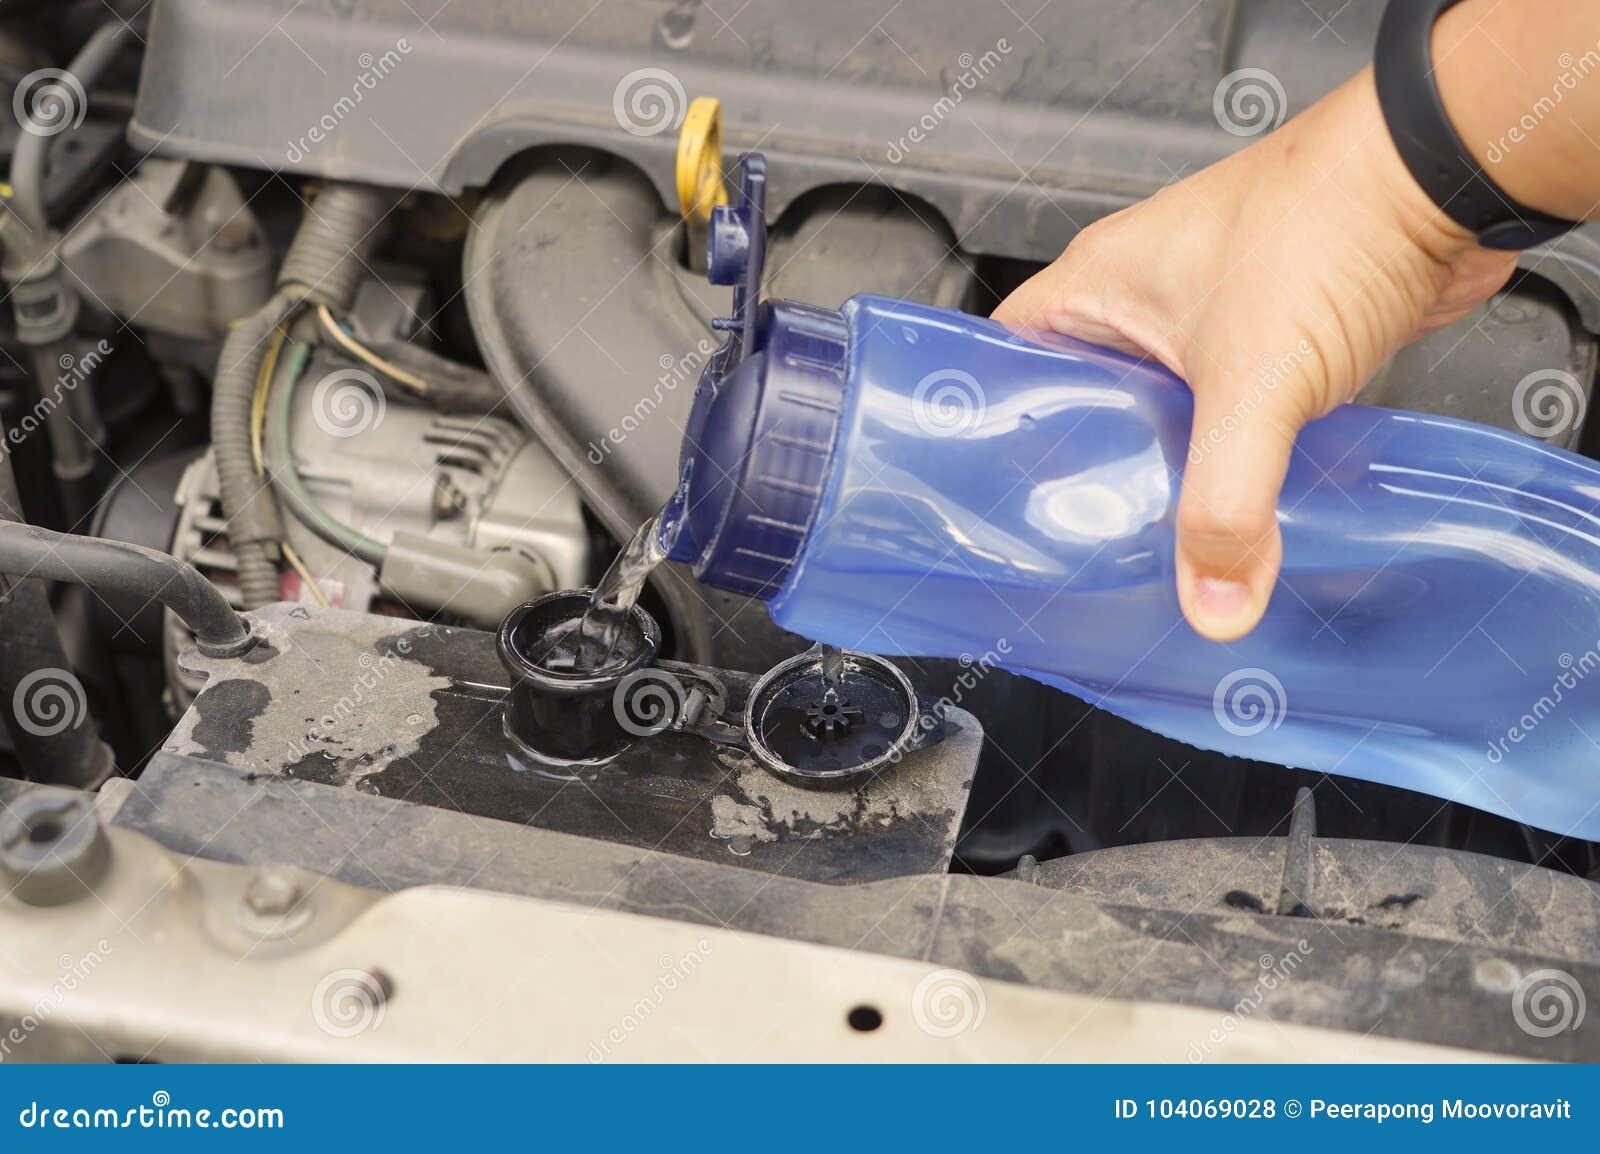 Vano motore sporco dell automobile di controllo del liquido refrigerante